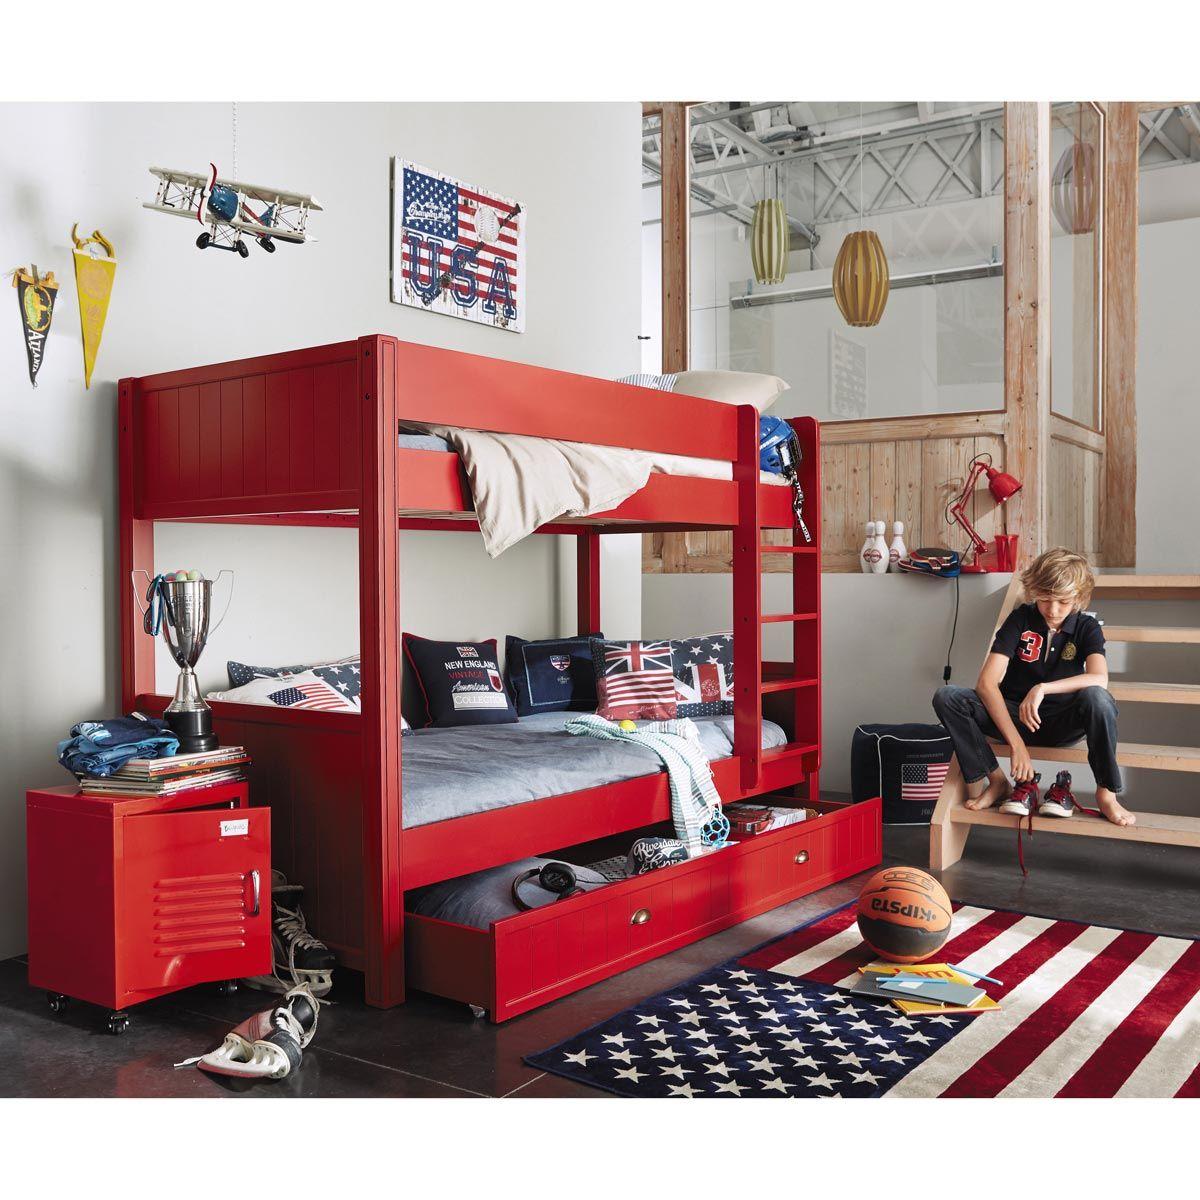 Lampe En Metal Rouge H 49 Cm Pinterest Bed Room Room Ideas And Room